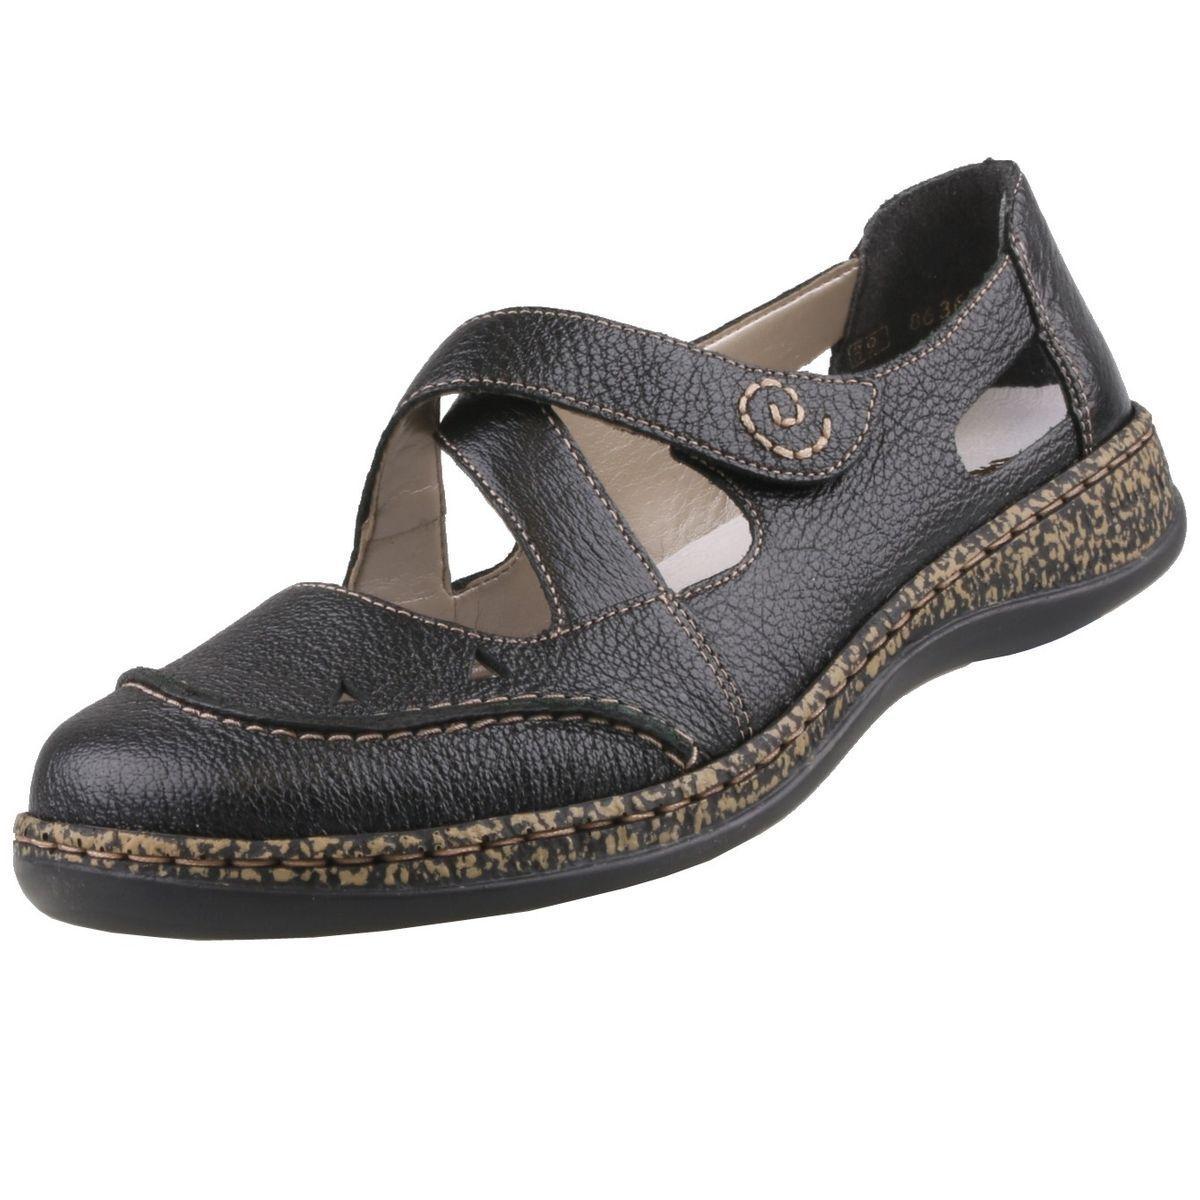 NUEVO Rieker Zapatos mujer Sandalias De Dama Bailarinas Bailarinas Bailarinas cuero  punto de venta de la marca